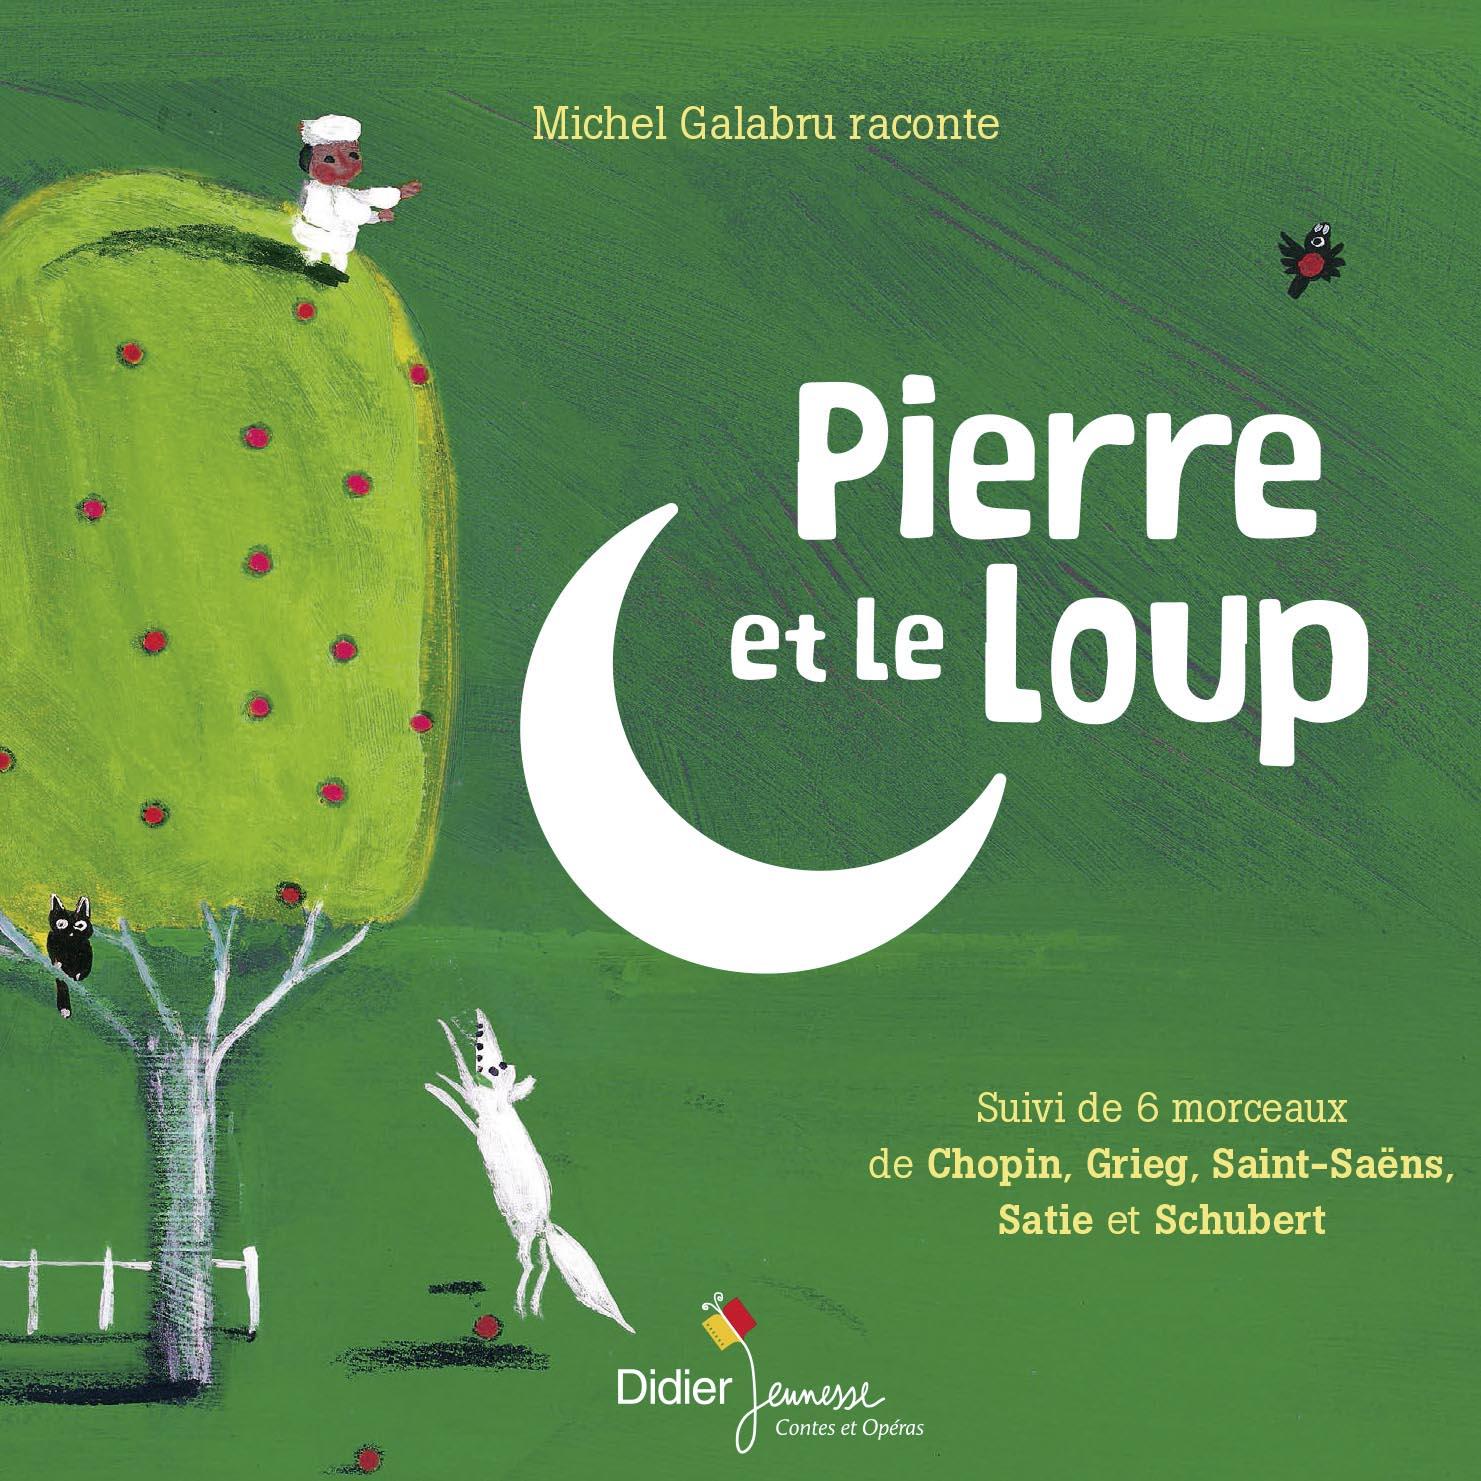 Pierre et le loup Sergueï Prokofiev, comp. Michel Galabru, narr. Thierry Fischer, dir. Orchestre de Chambre de Genève, ens. instr.